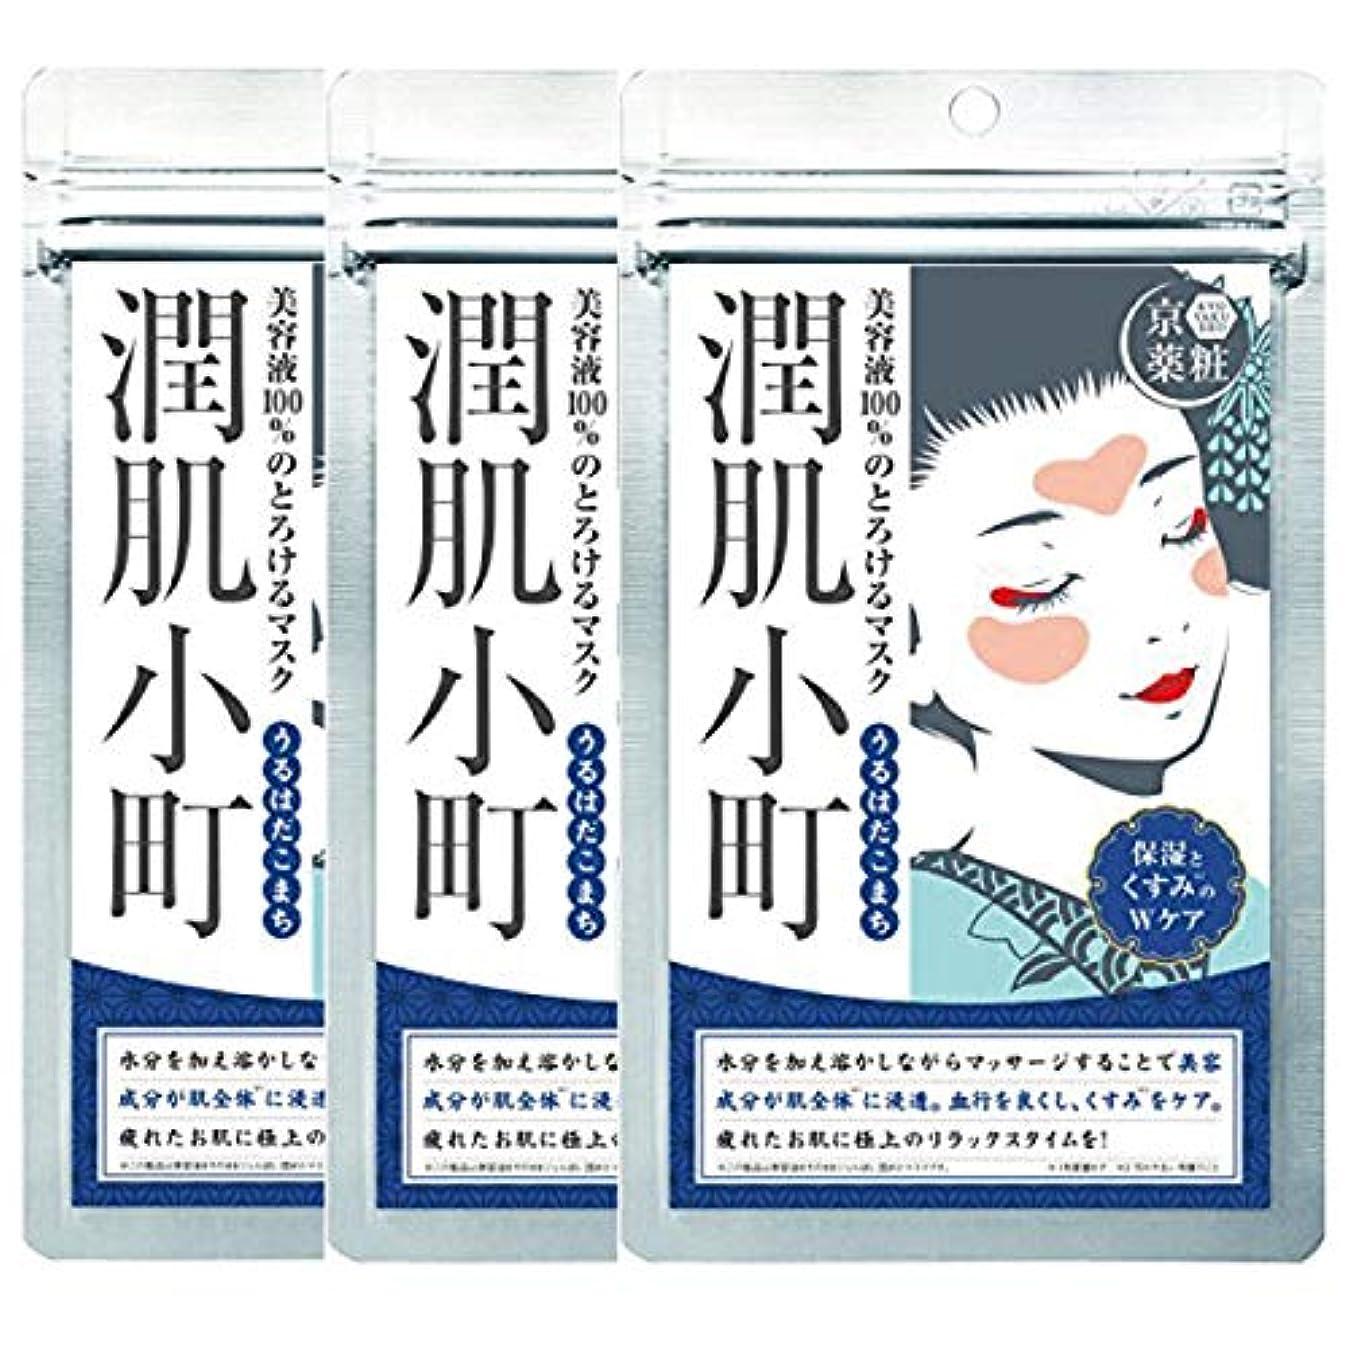 放射能聖歌ドロー京薬粧 潤肌小町 潤いマスク ×3セット